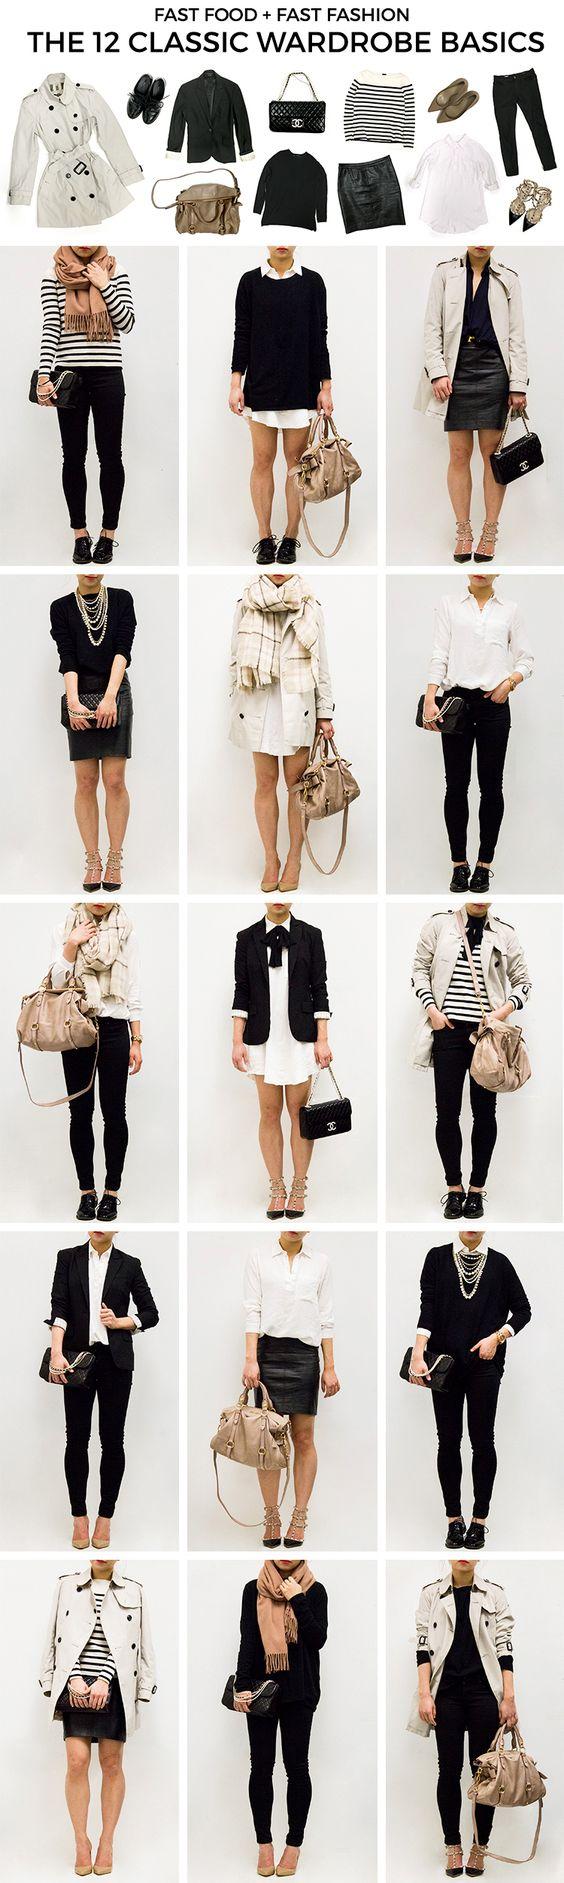 comment habiller accessoires mode